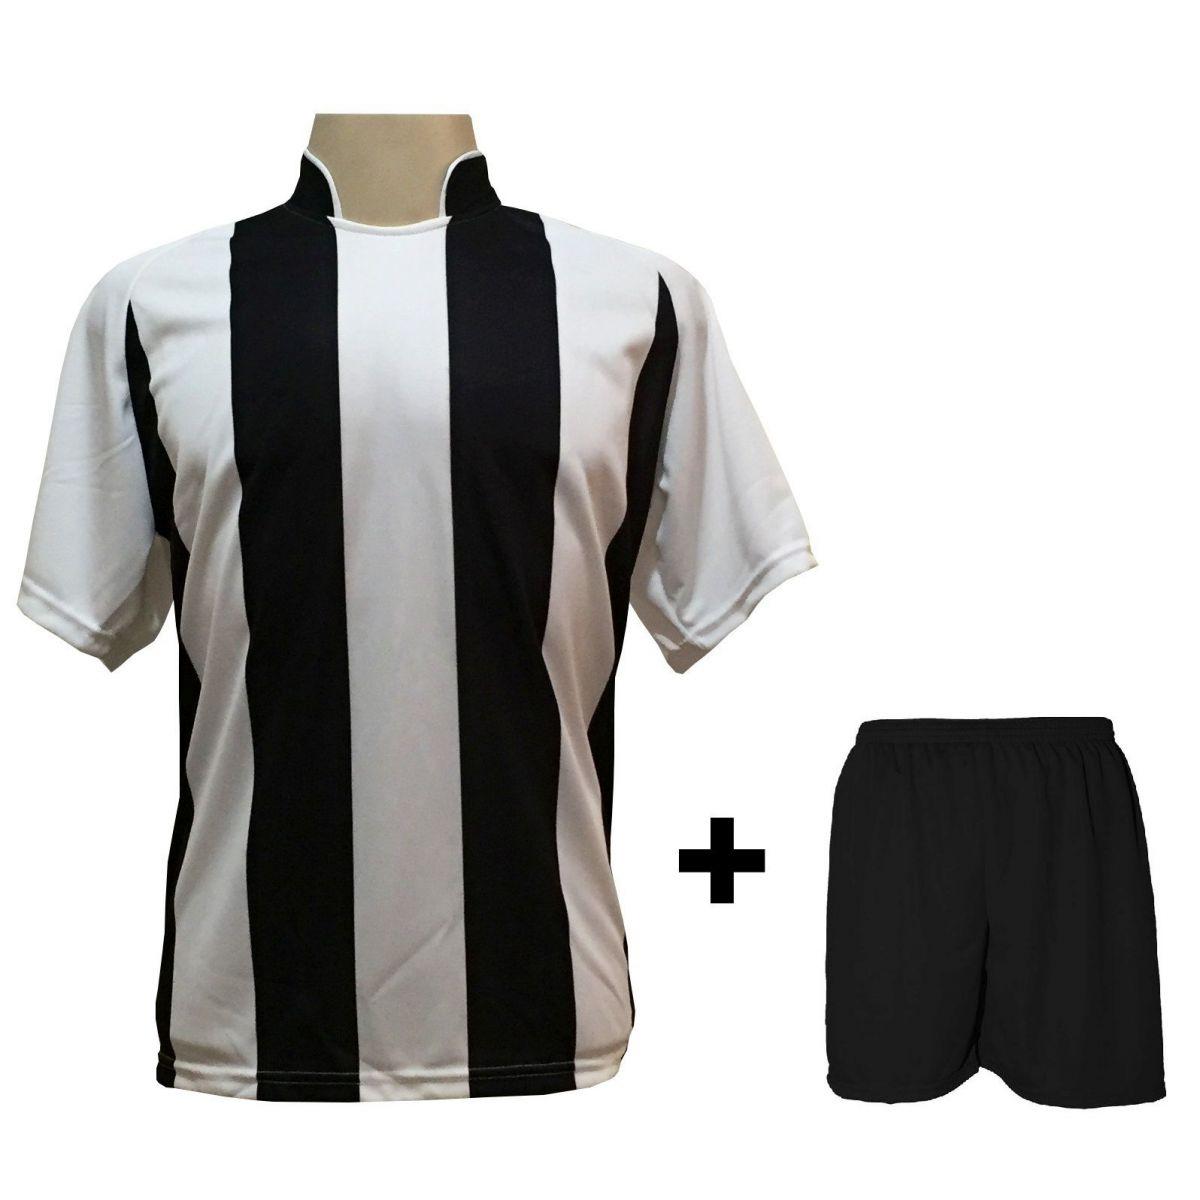 Uniforme Esportivo com 12 Camisas modelo Milan Branco/Preto + 12 Calções modelo Madrid Preto